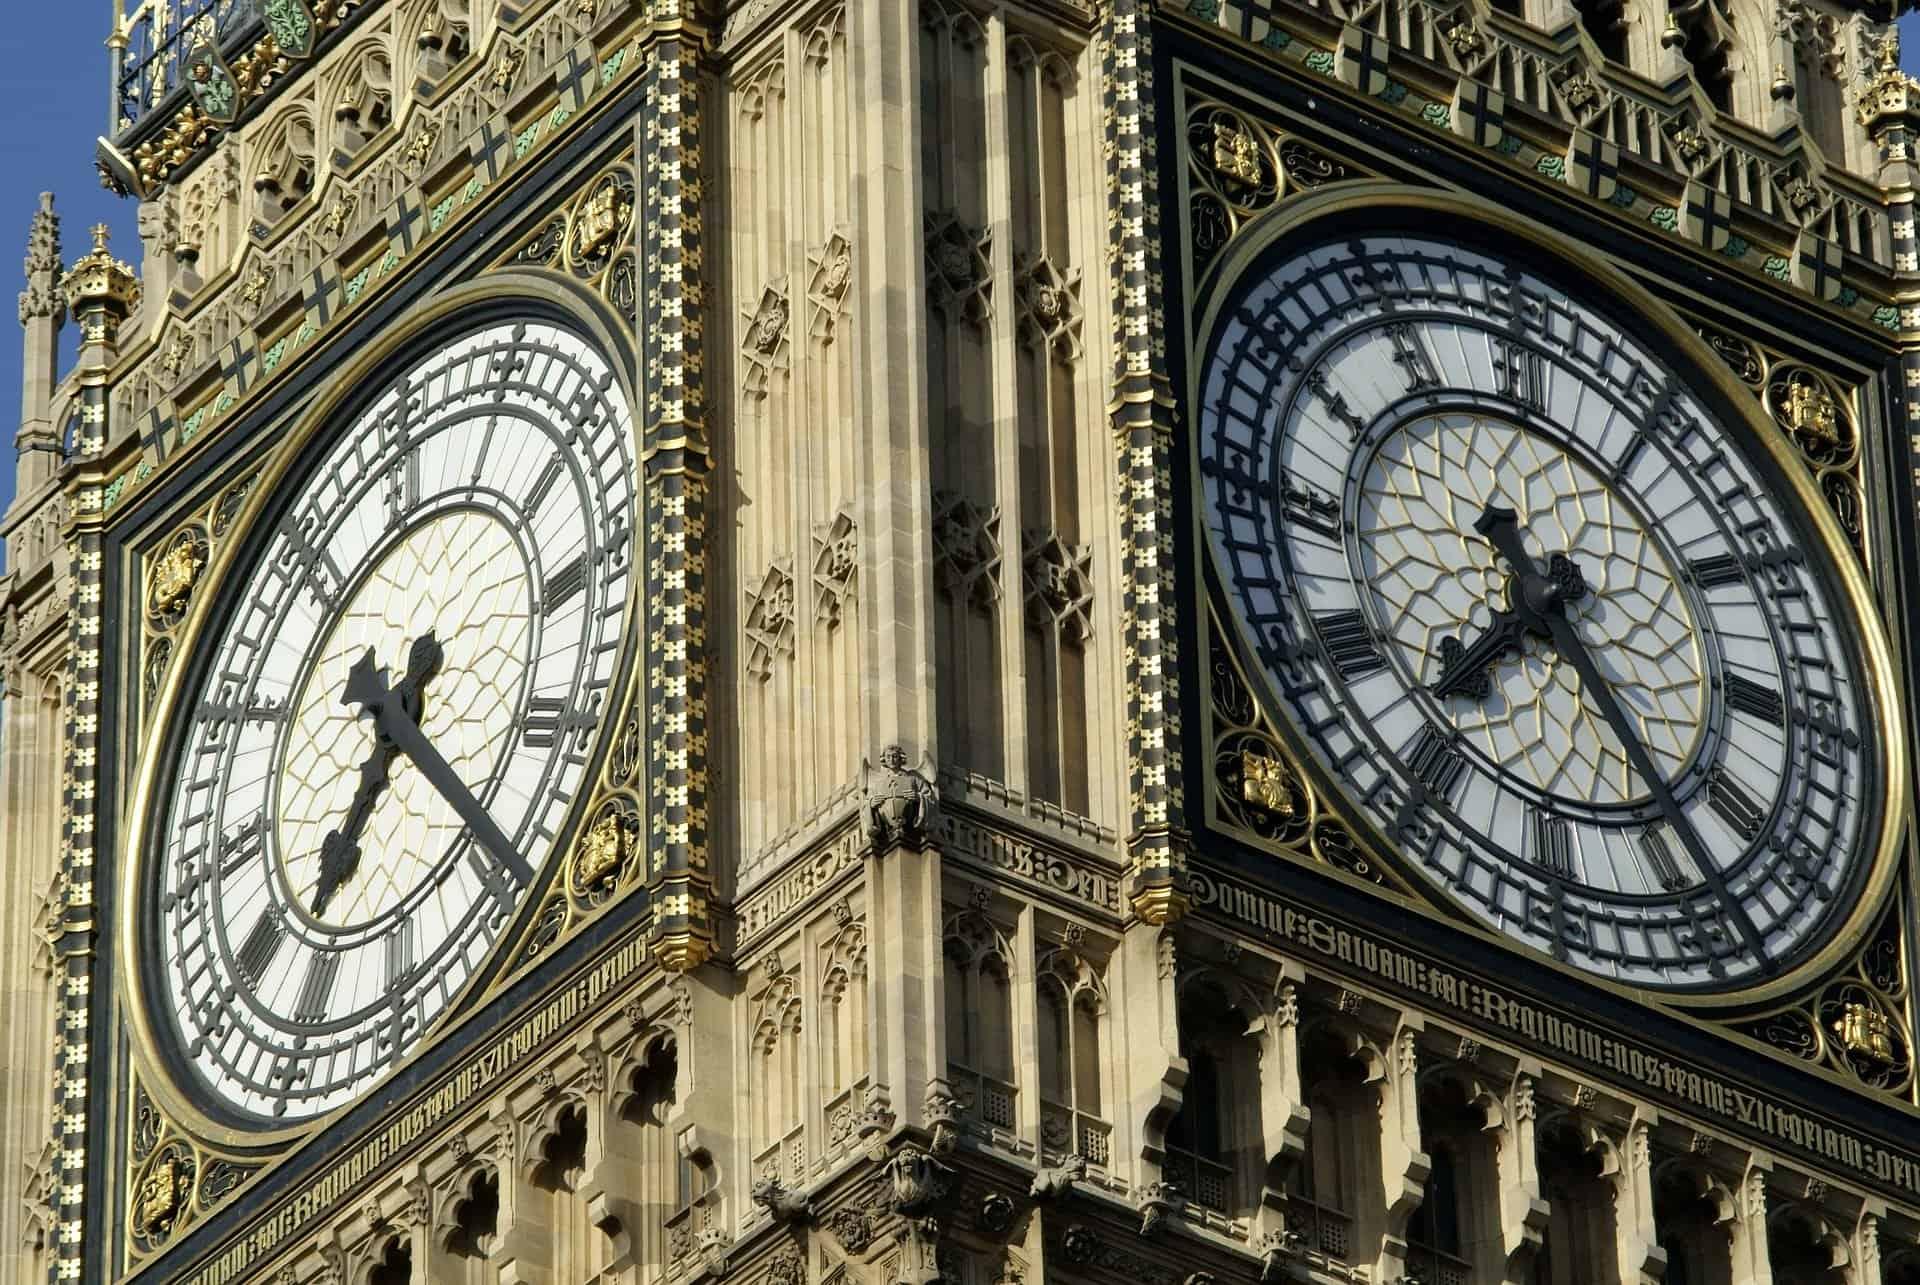 The Elizabeth clock tower, home of Big Ben